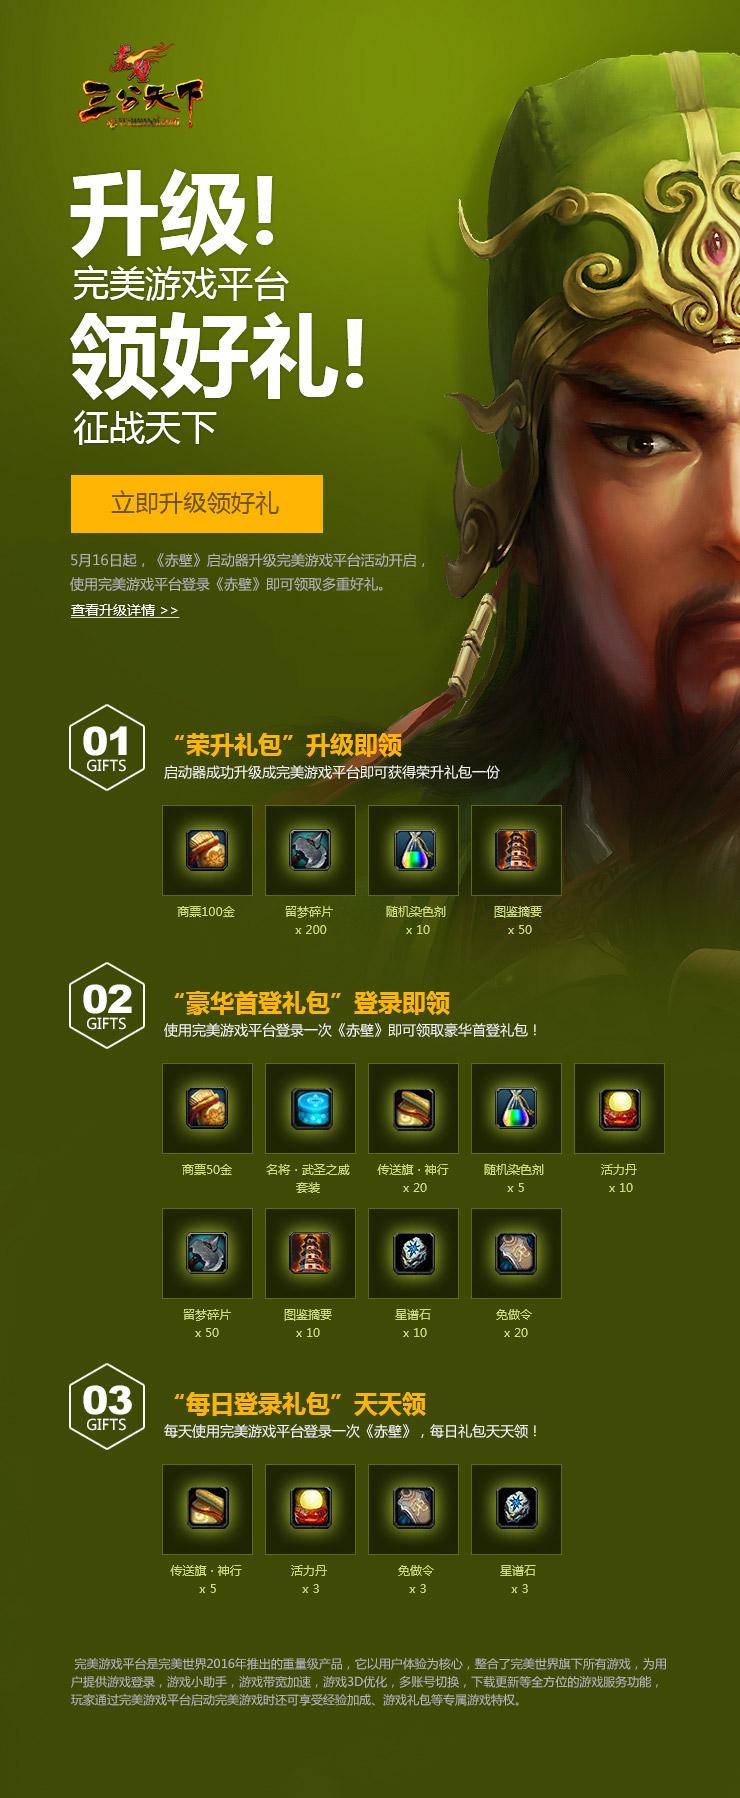 5月16日起,《赤壁》启动器升级完美游戏平台活动开启,使用完美游戏平台登录《赤壁》即可领取多重好礼。